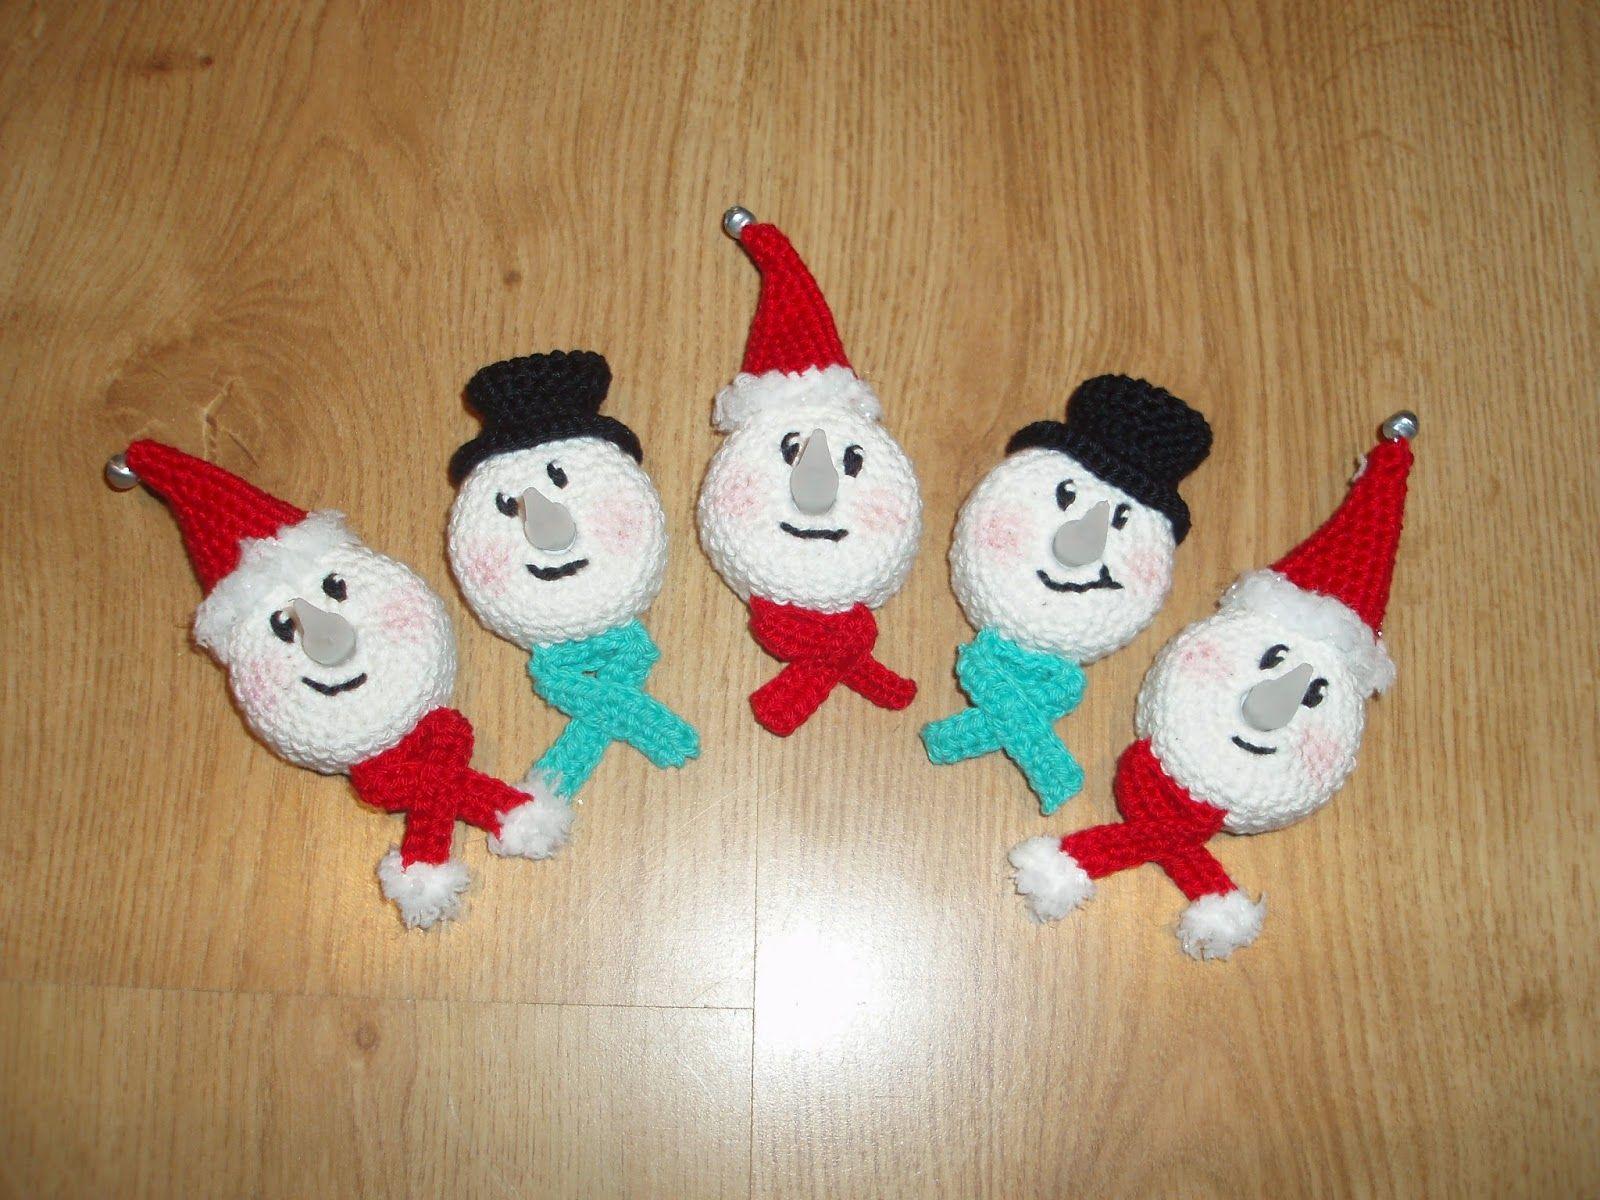 Amigurumi Leren Haken : Amigurumi haaksels kerst lichtje haakpatronen kerst crochet